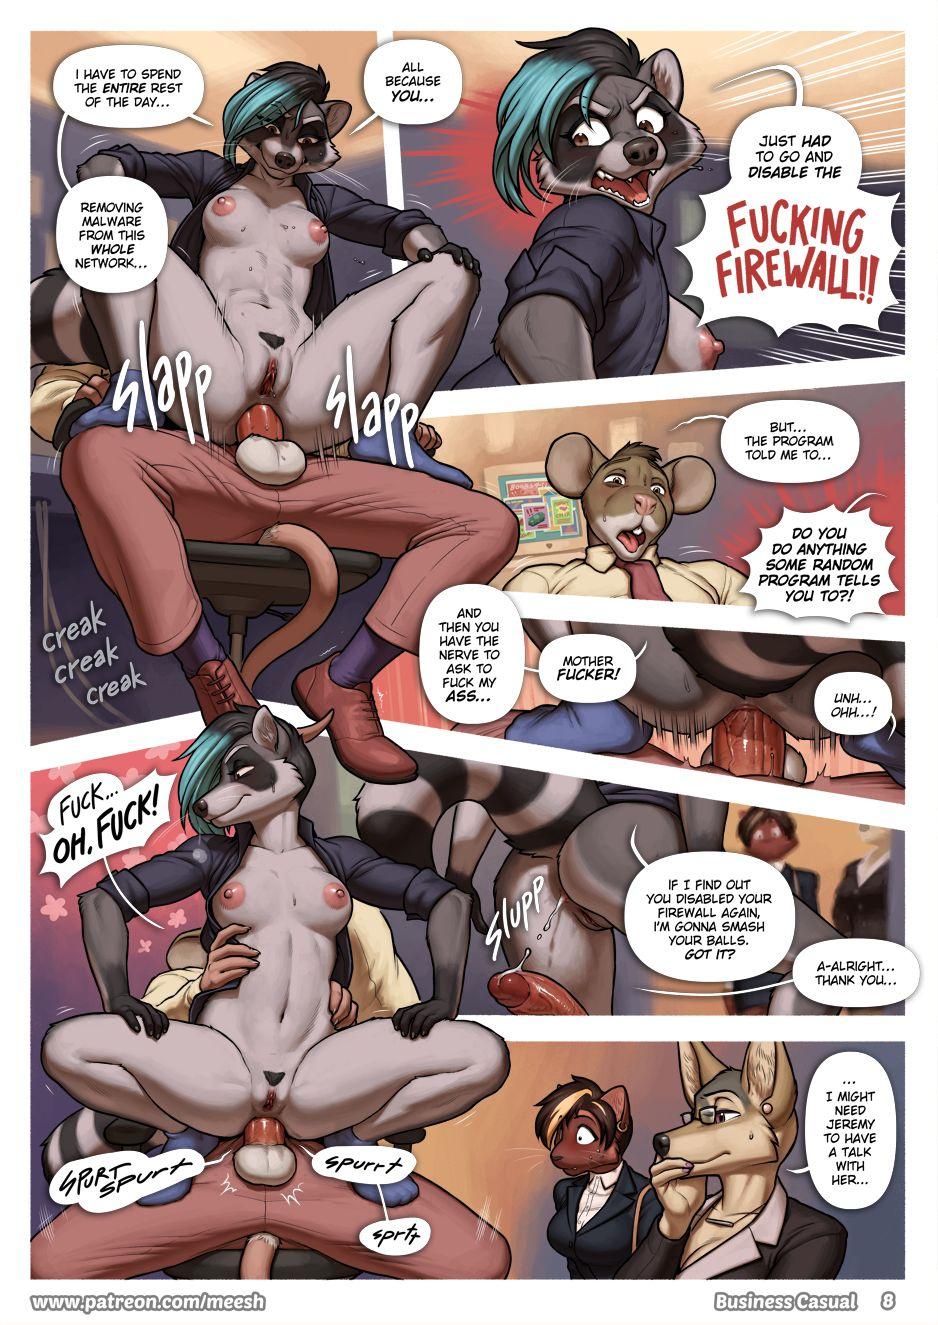 Business Casual porn comics Oral sex, Anal Sex, Blowjob, Cum Shots, Furry, Lesbians, Titfuck